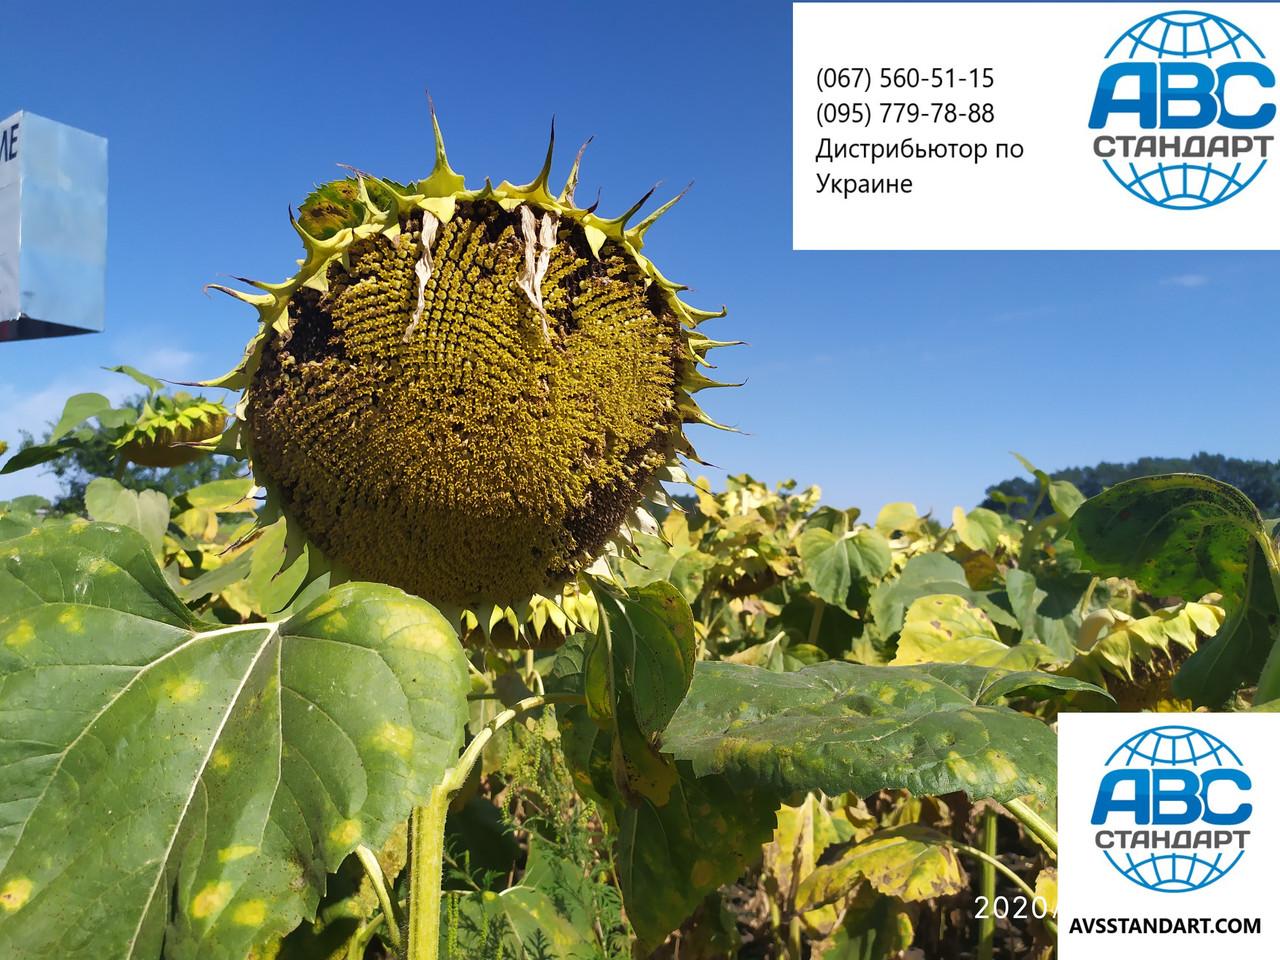 Высокоурожайный подсолнечник 42 ц/га Бенето Маисадур. Гибрид держит шесть рас заразихи A-F и засуху. Экстра. Урожай 2019 года.